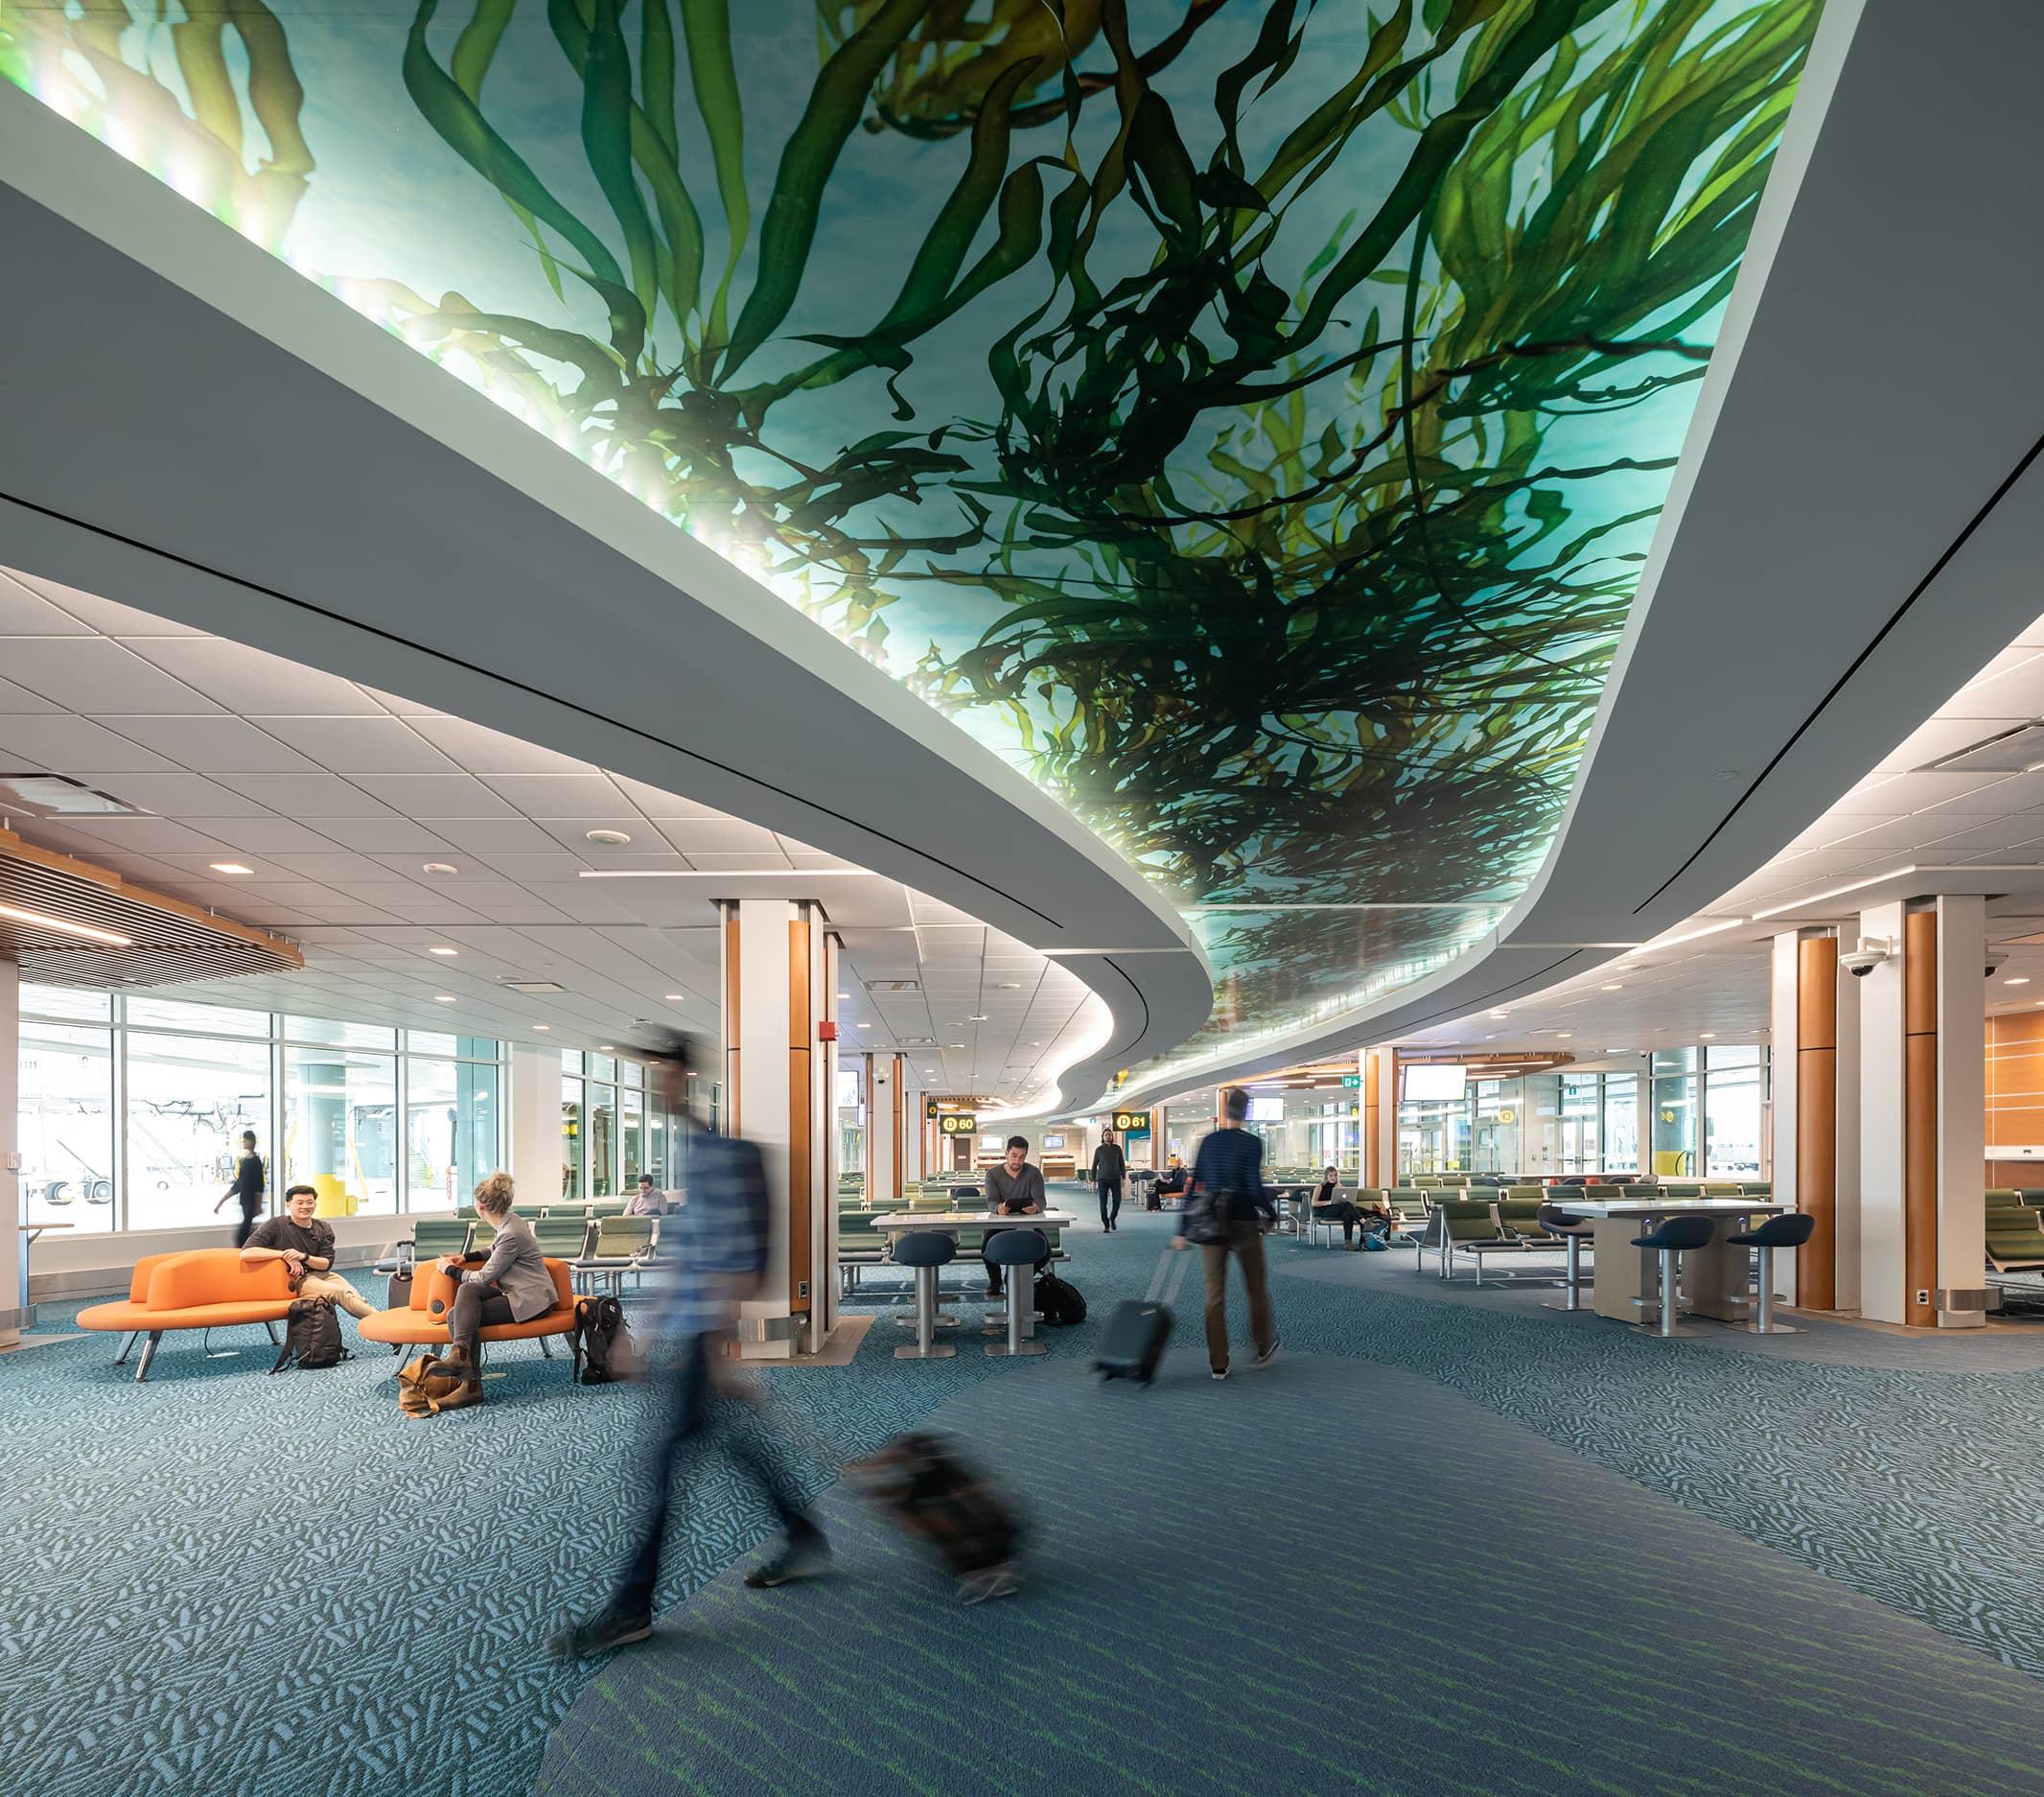 bbp yvr pier d ceiling feature